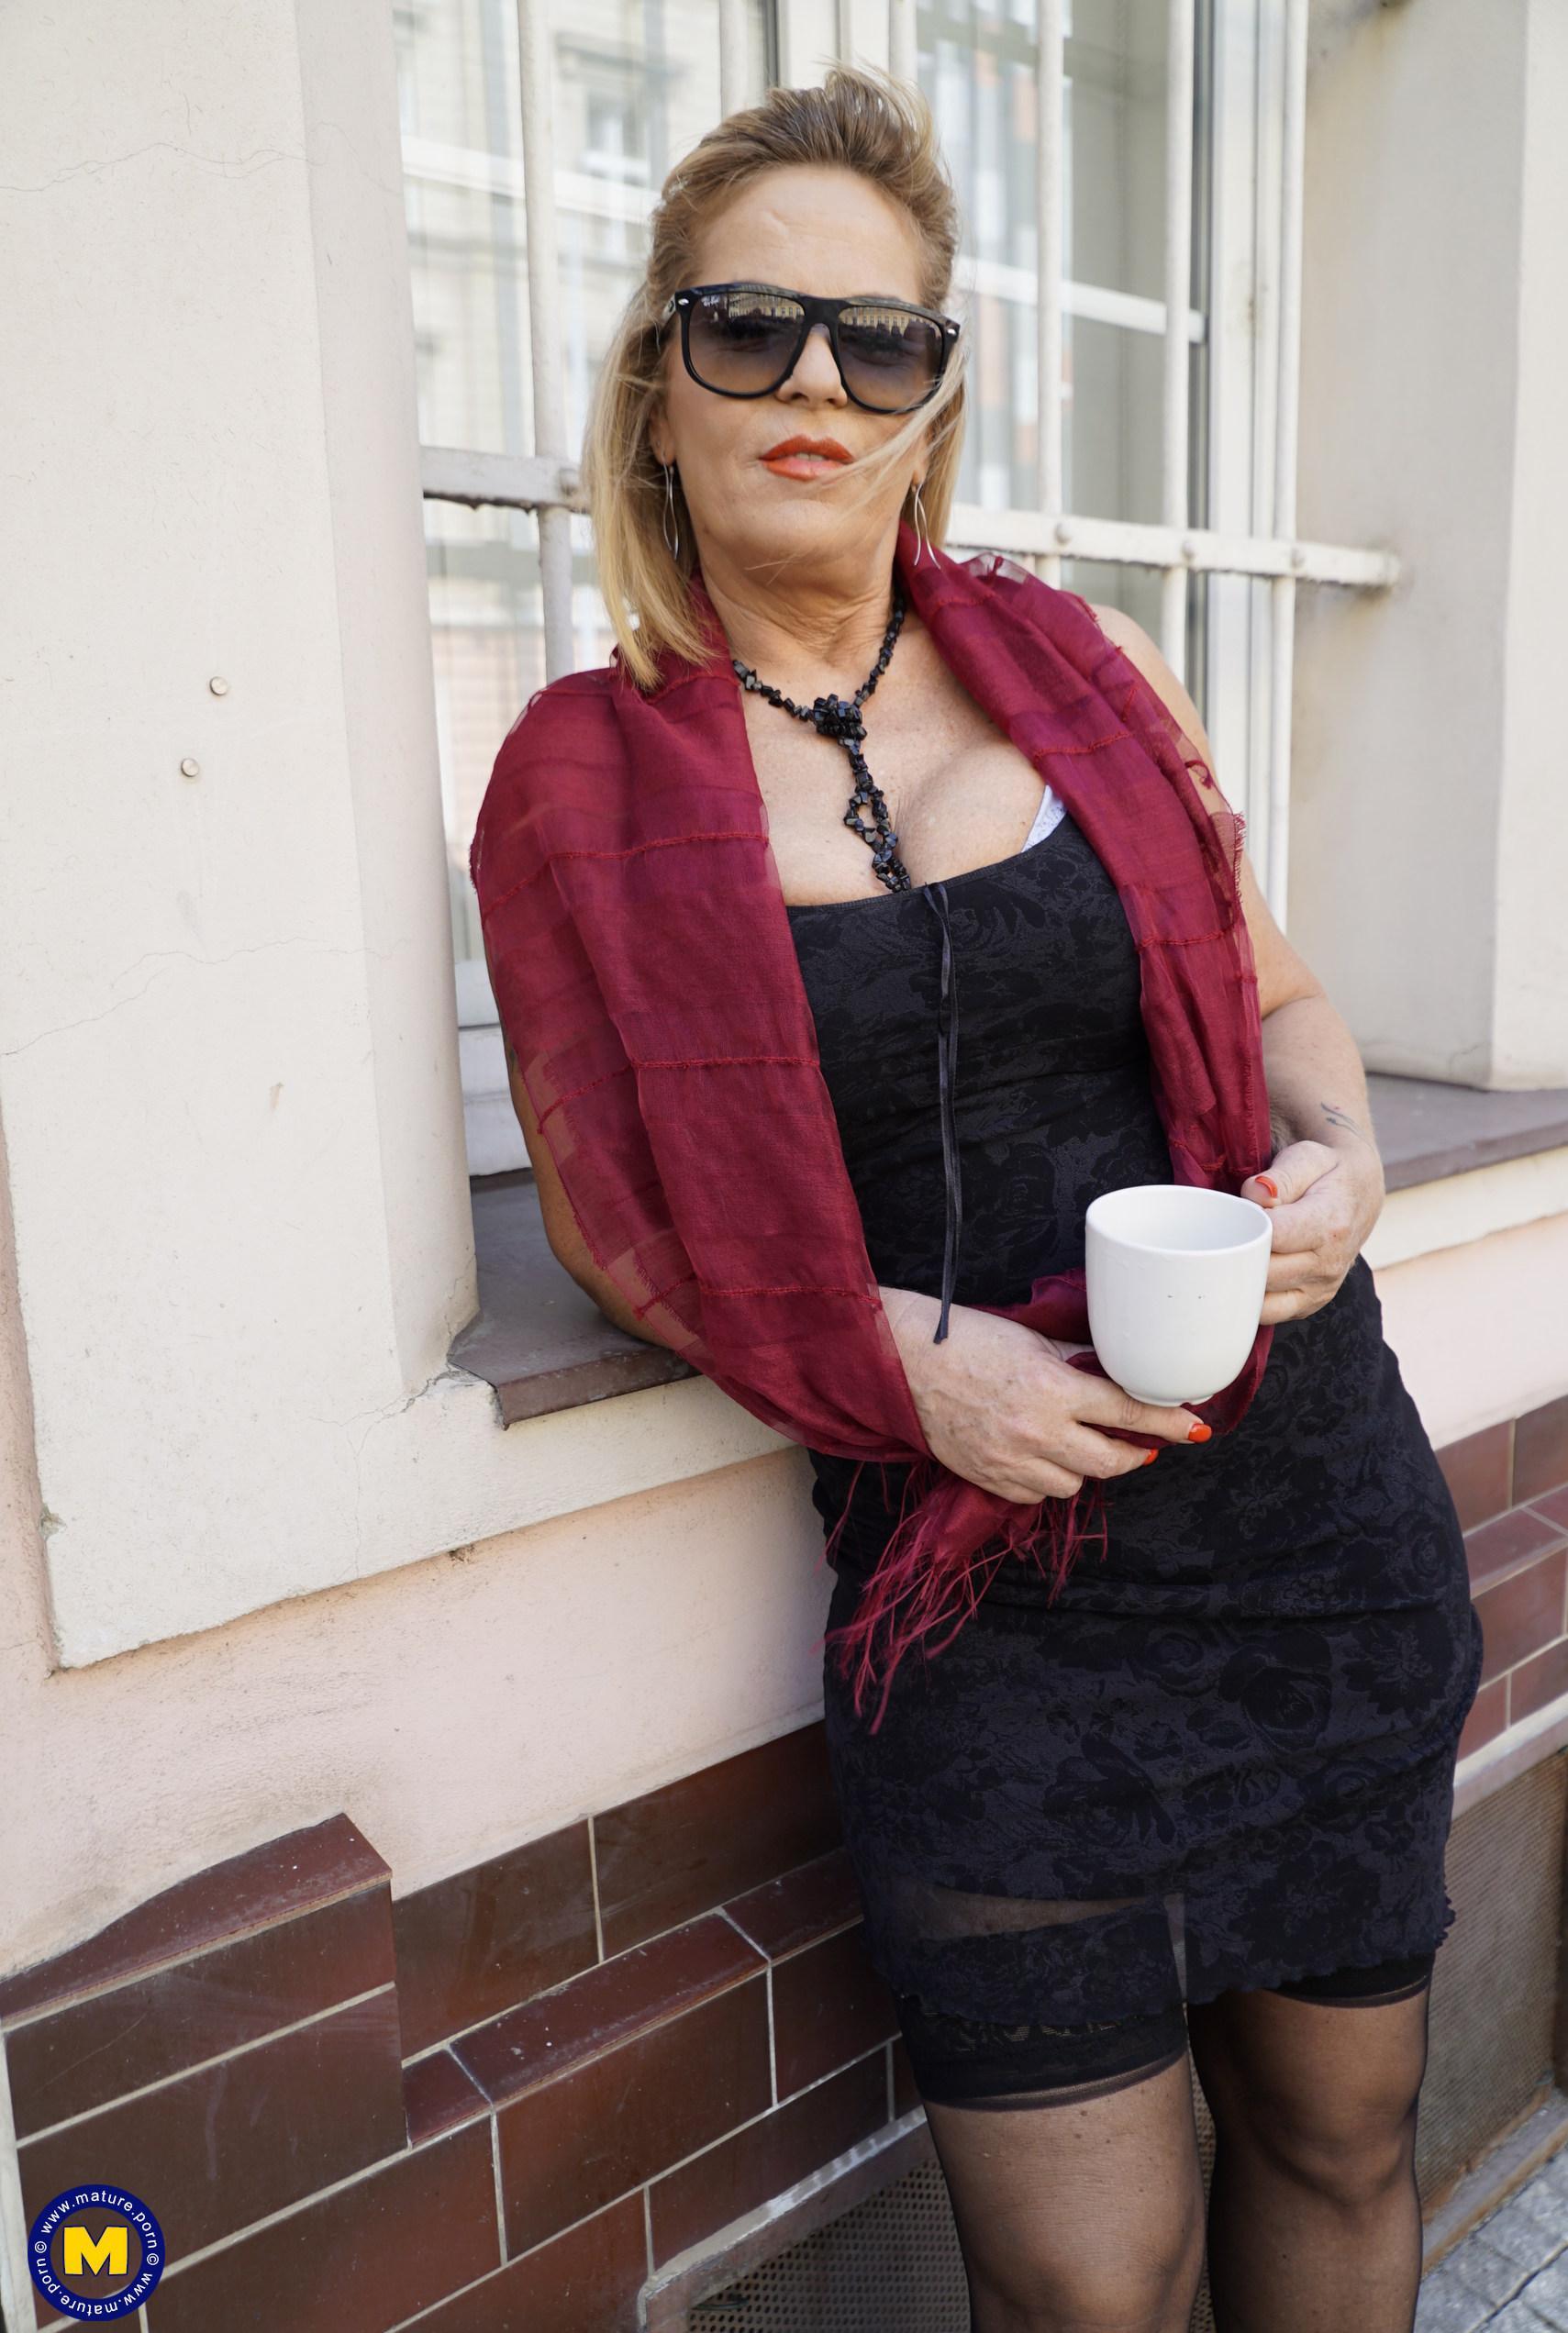 das gesicht dieser verführerischen oma verrät nicht ihr wahres alter. ihre riesige spalte schon eher. picture 2